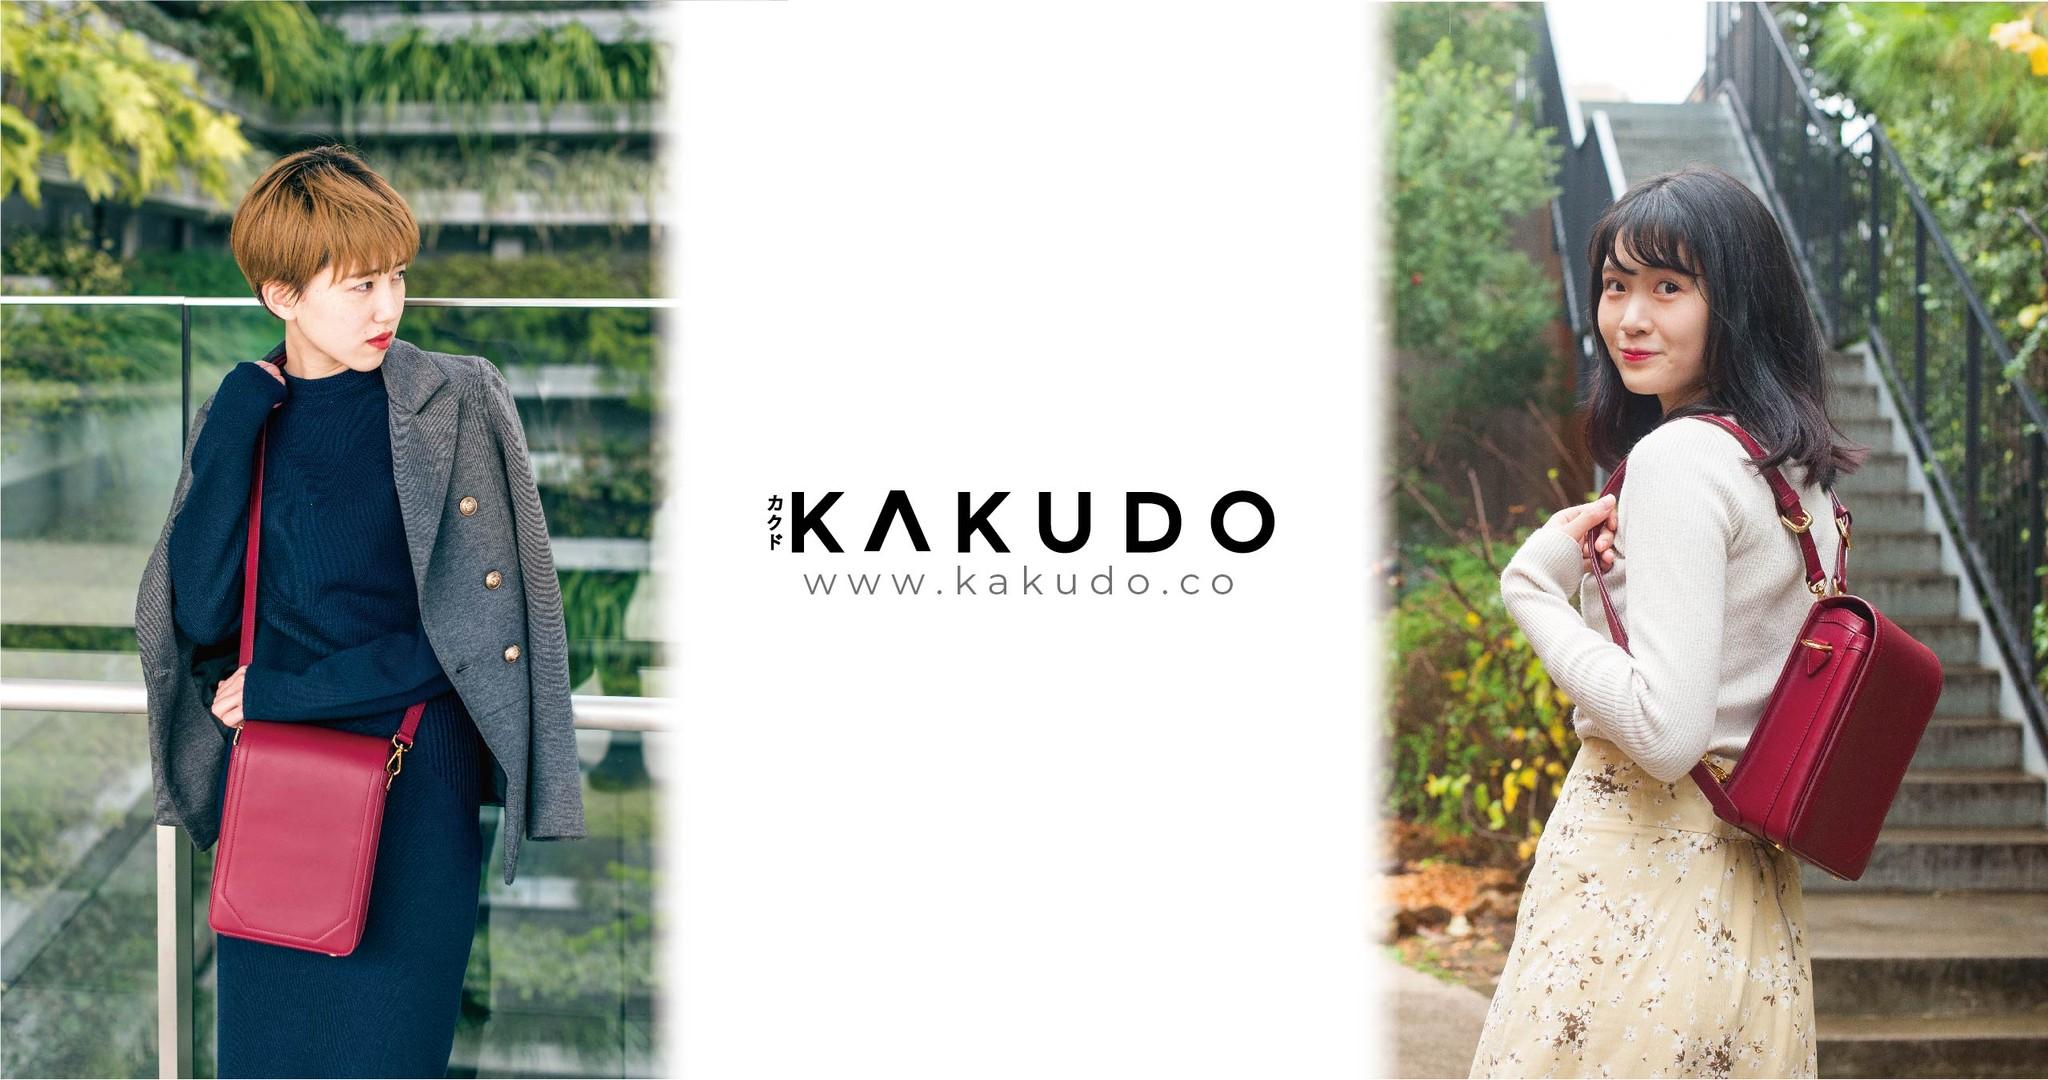 KAKUDO Co.